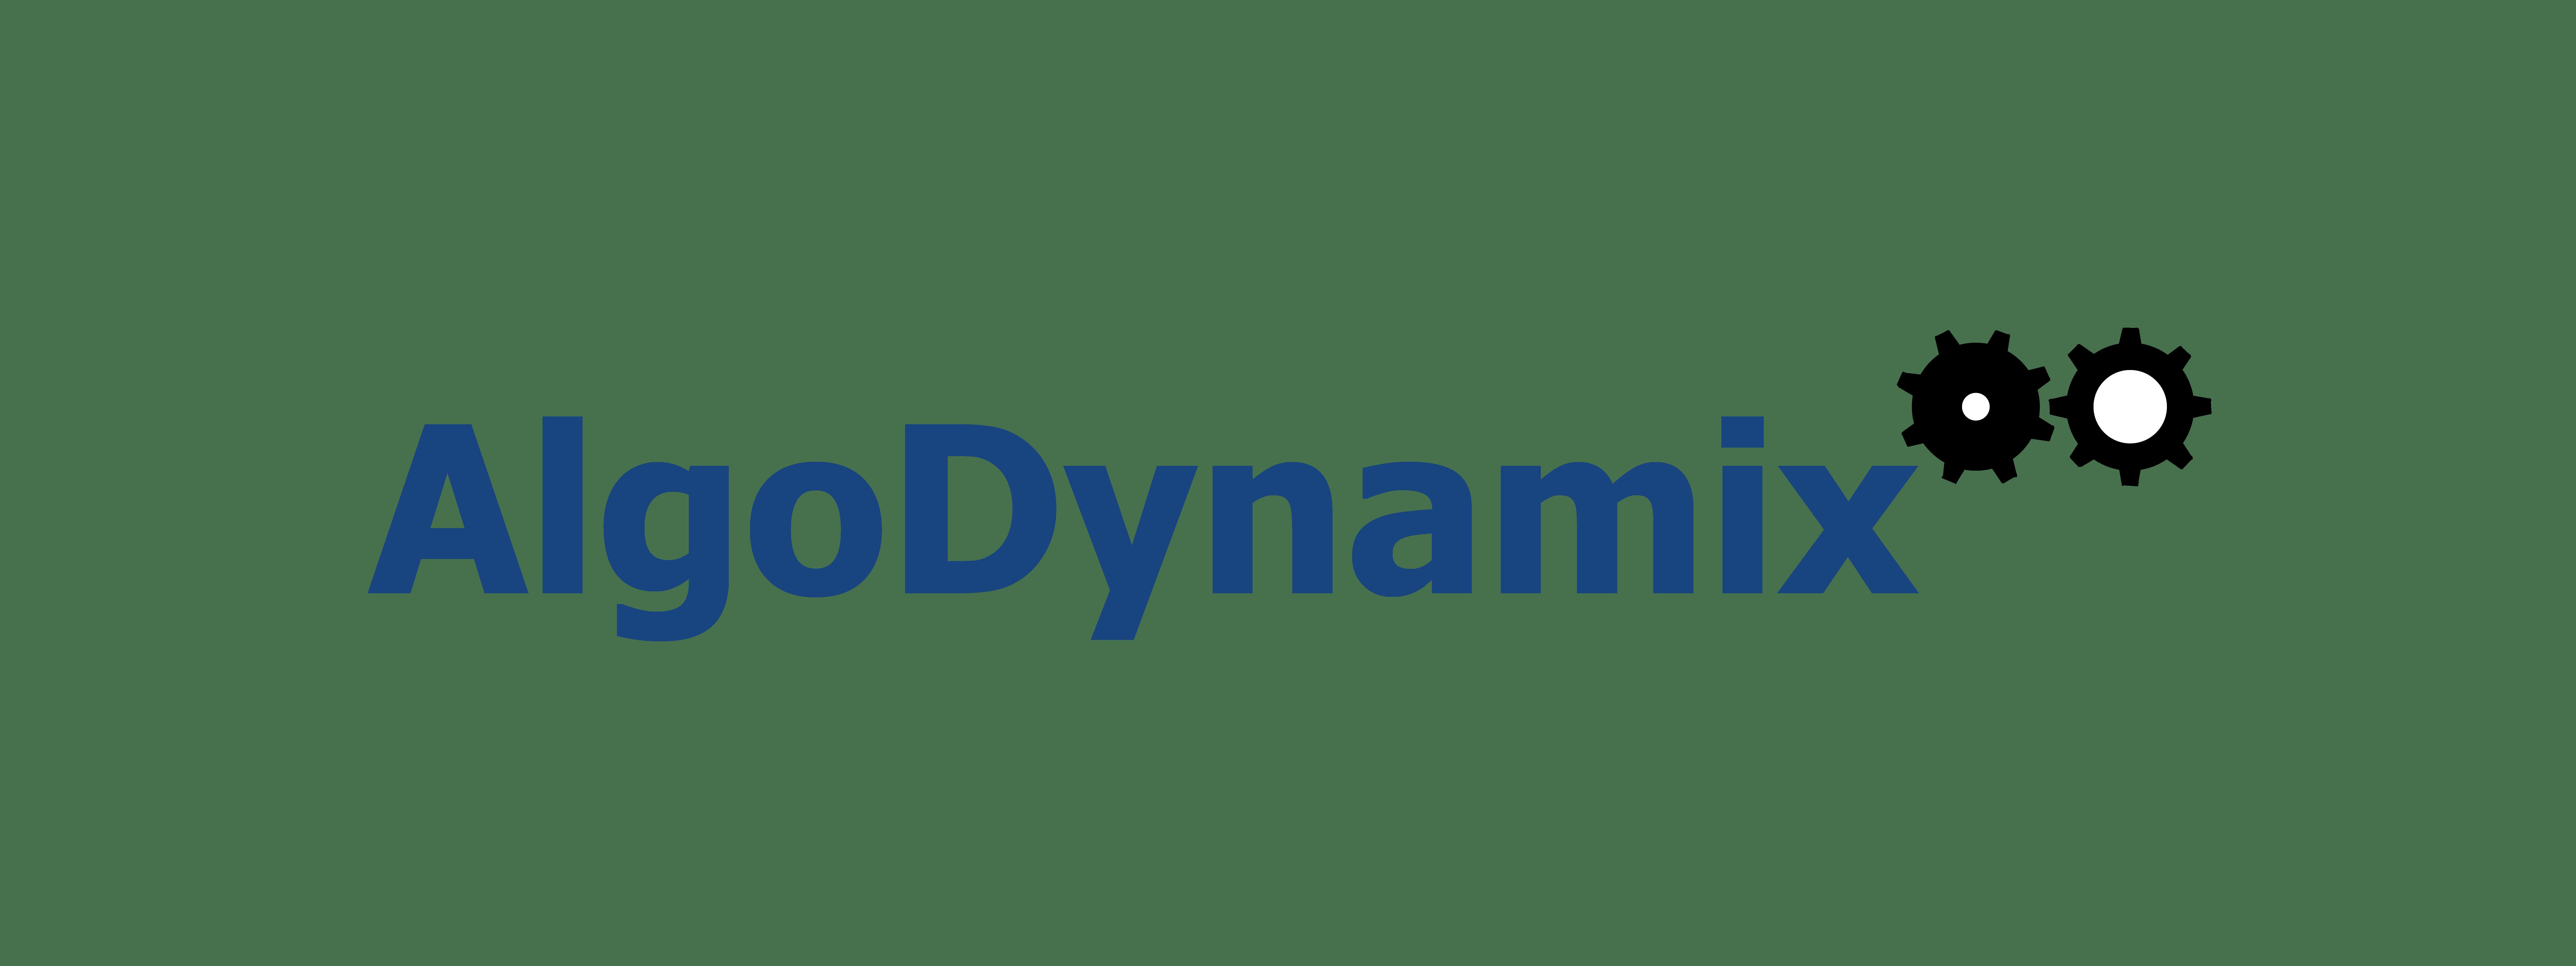 AlgoDynamix company logo